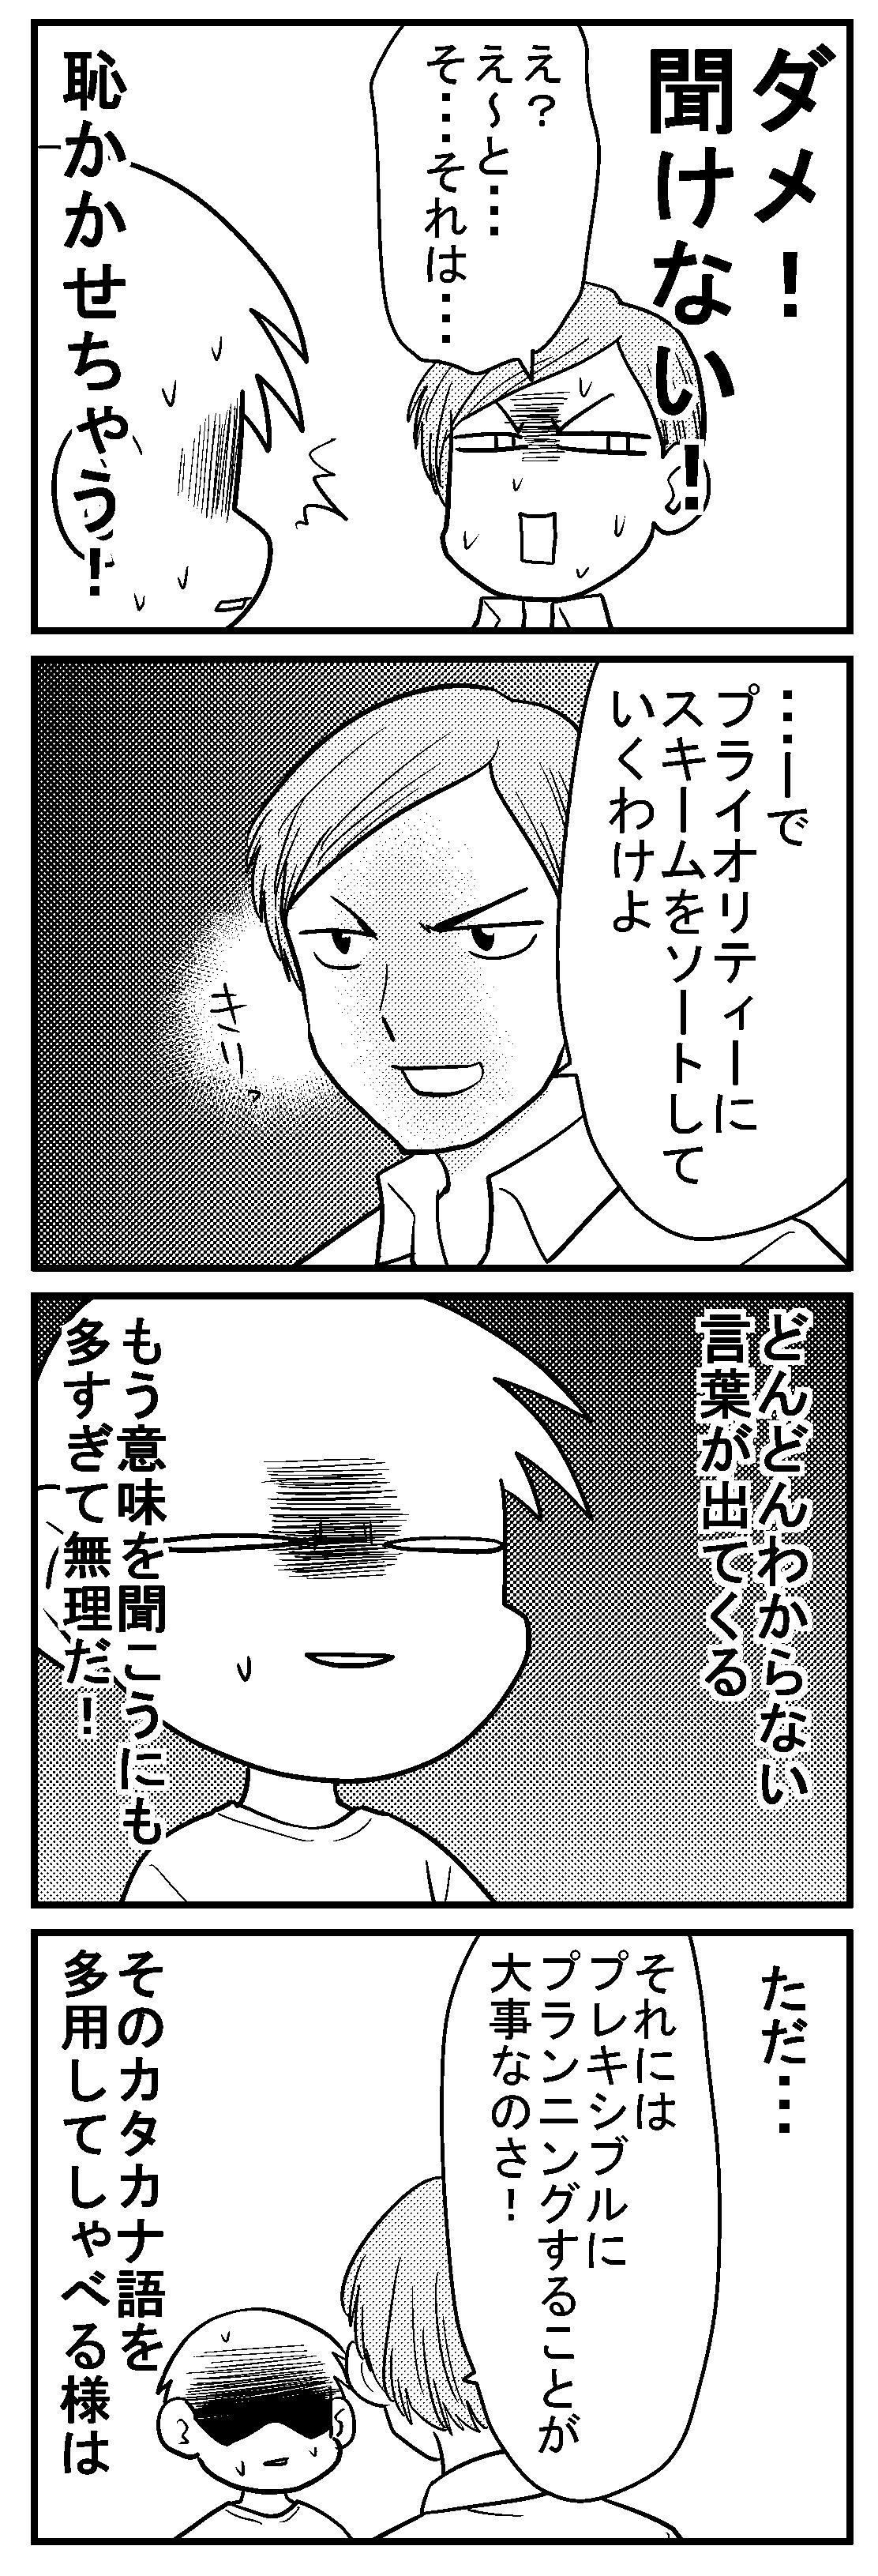 深読みくん31 3